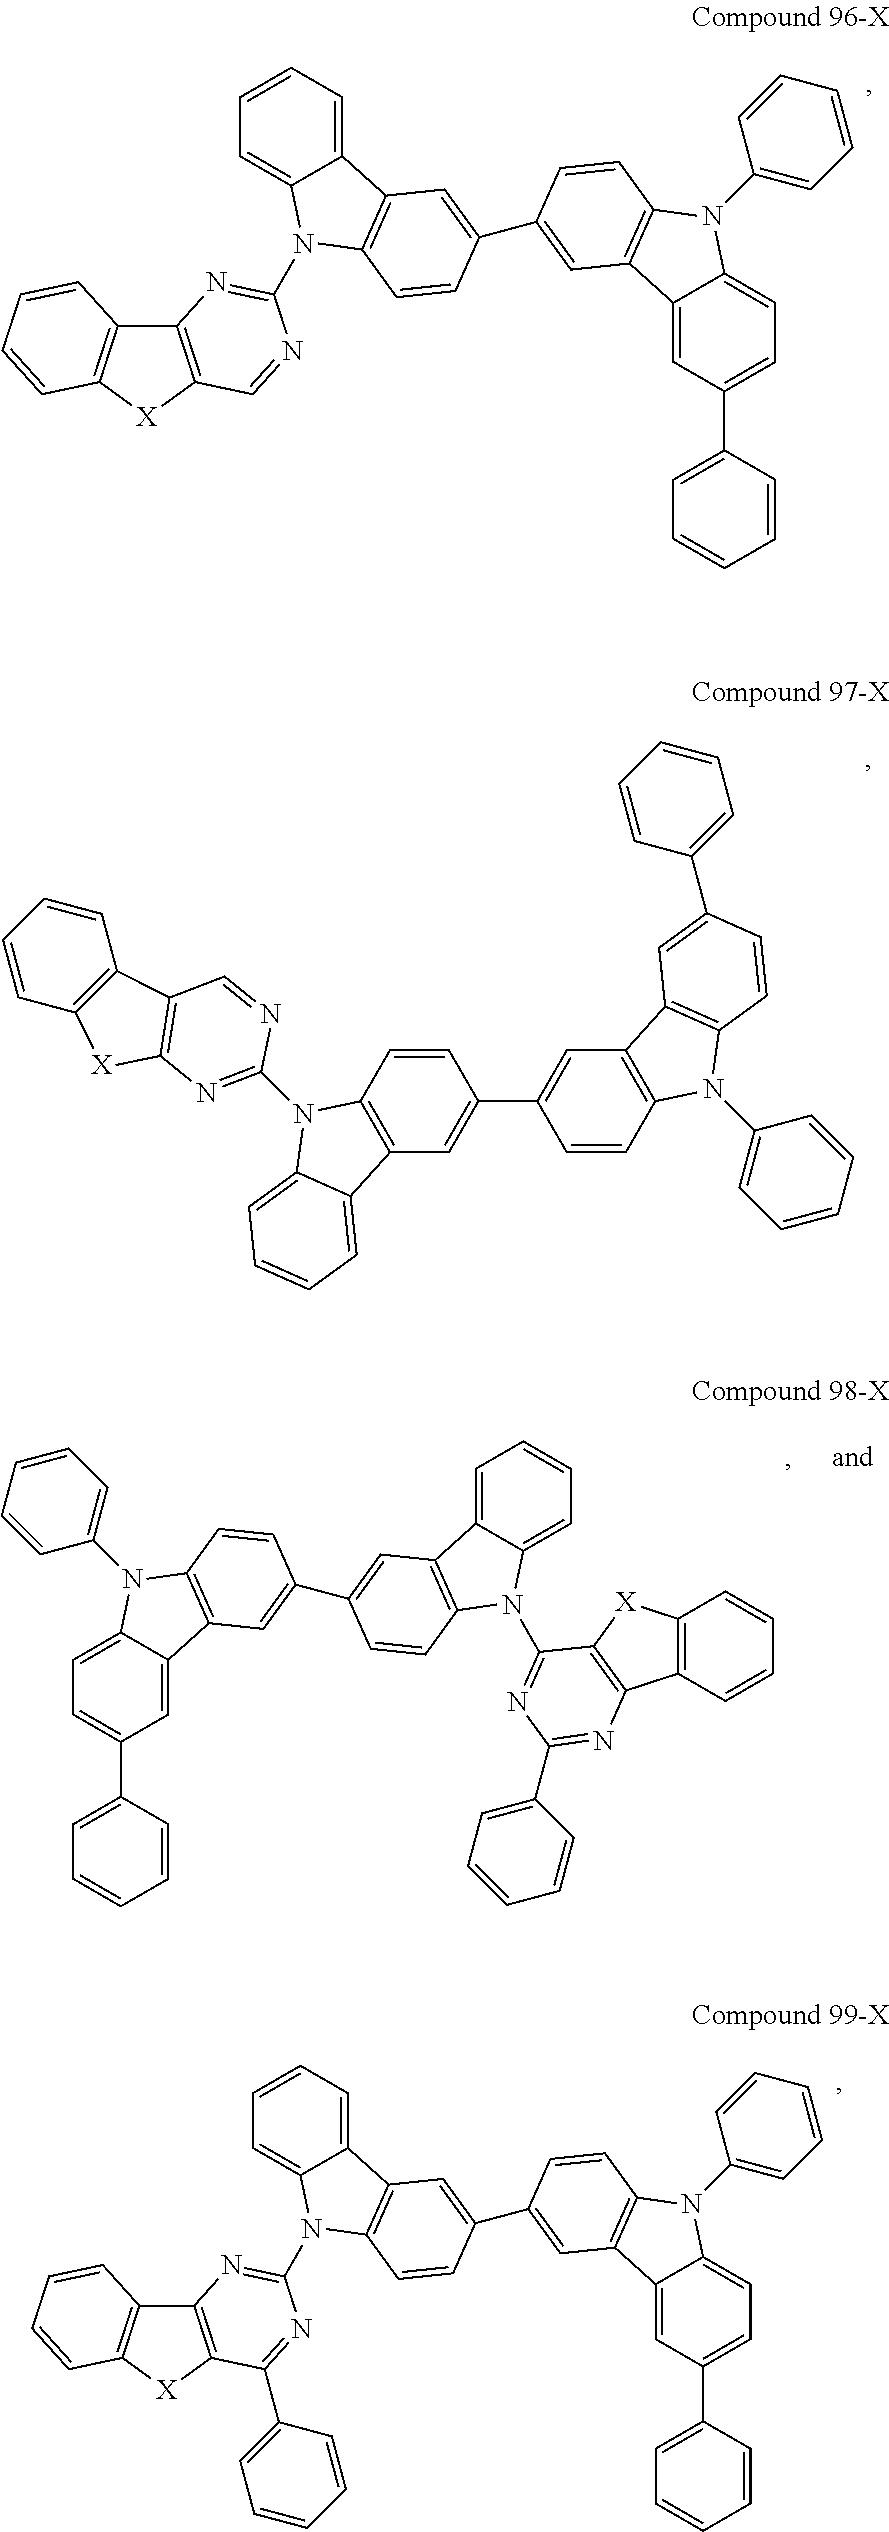 Figure US09553274-20170124-C00028